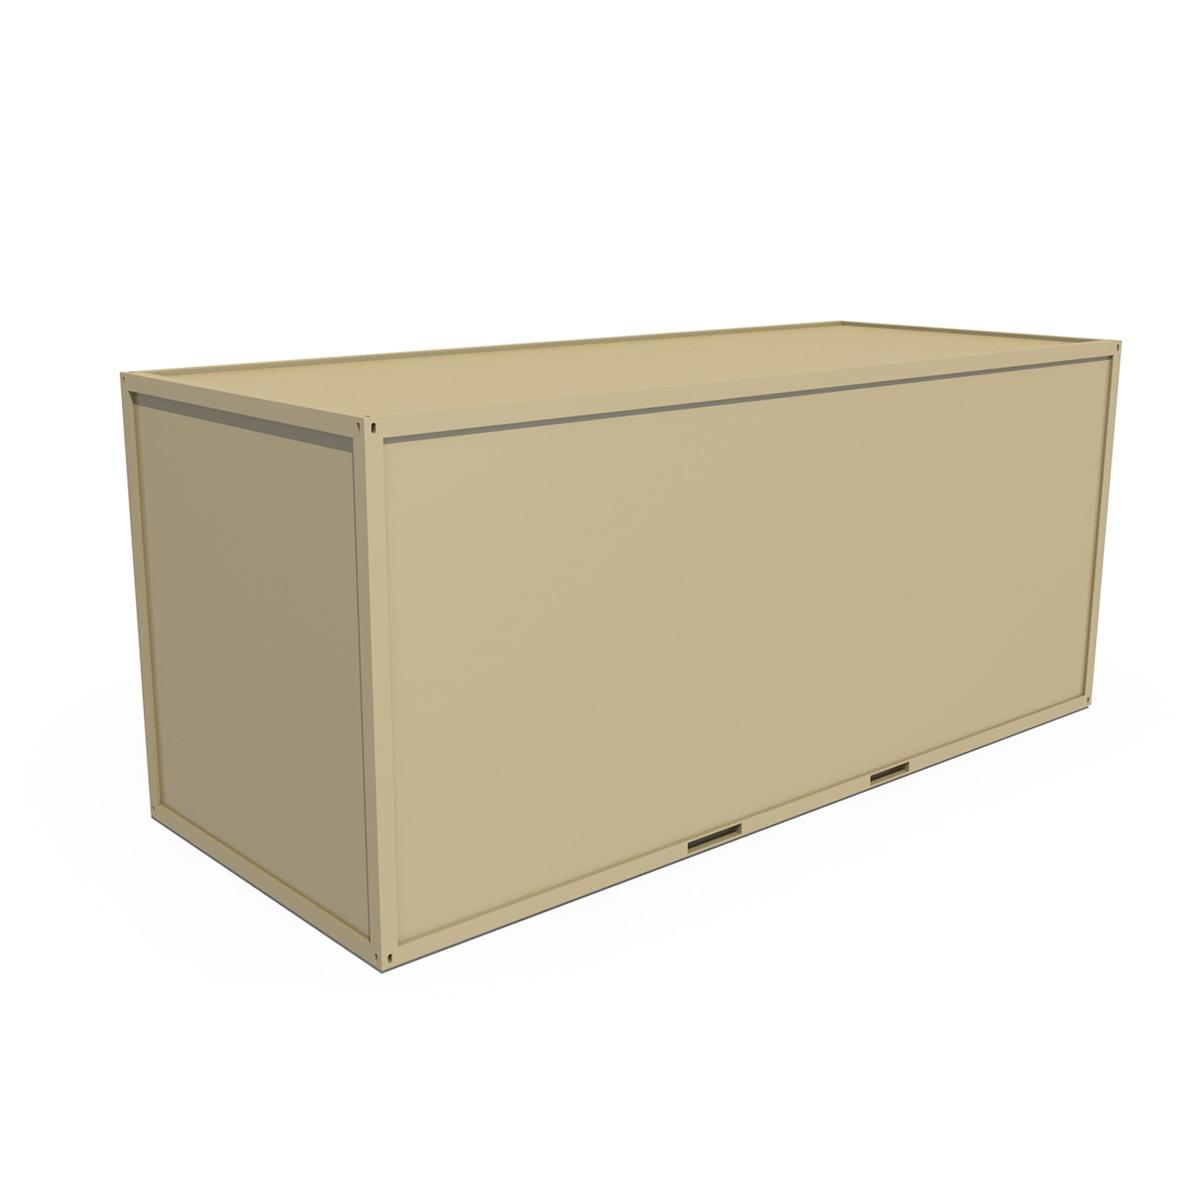 20ft biroja konteinera versija 3d modelis 3ds fbx c4d lwo obj 252267